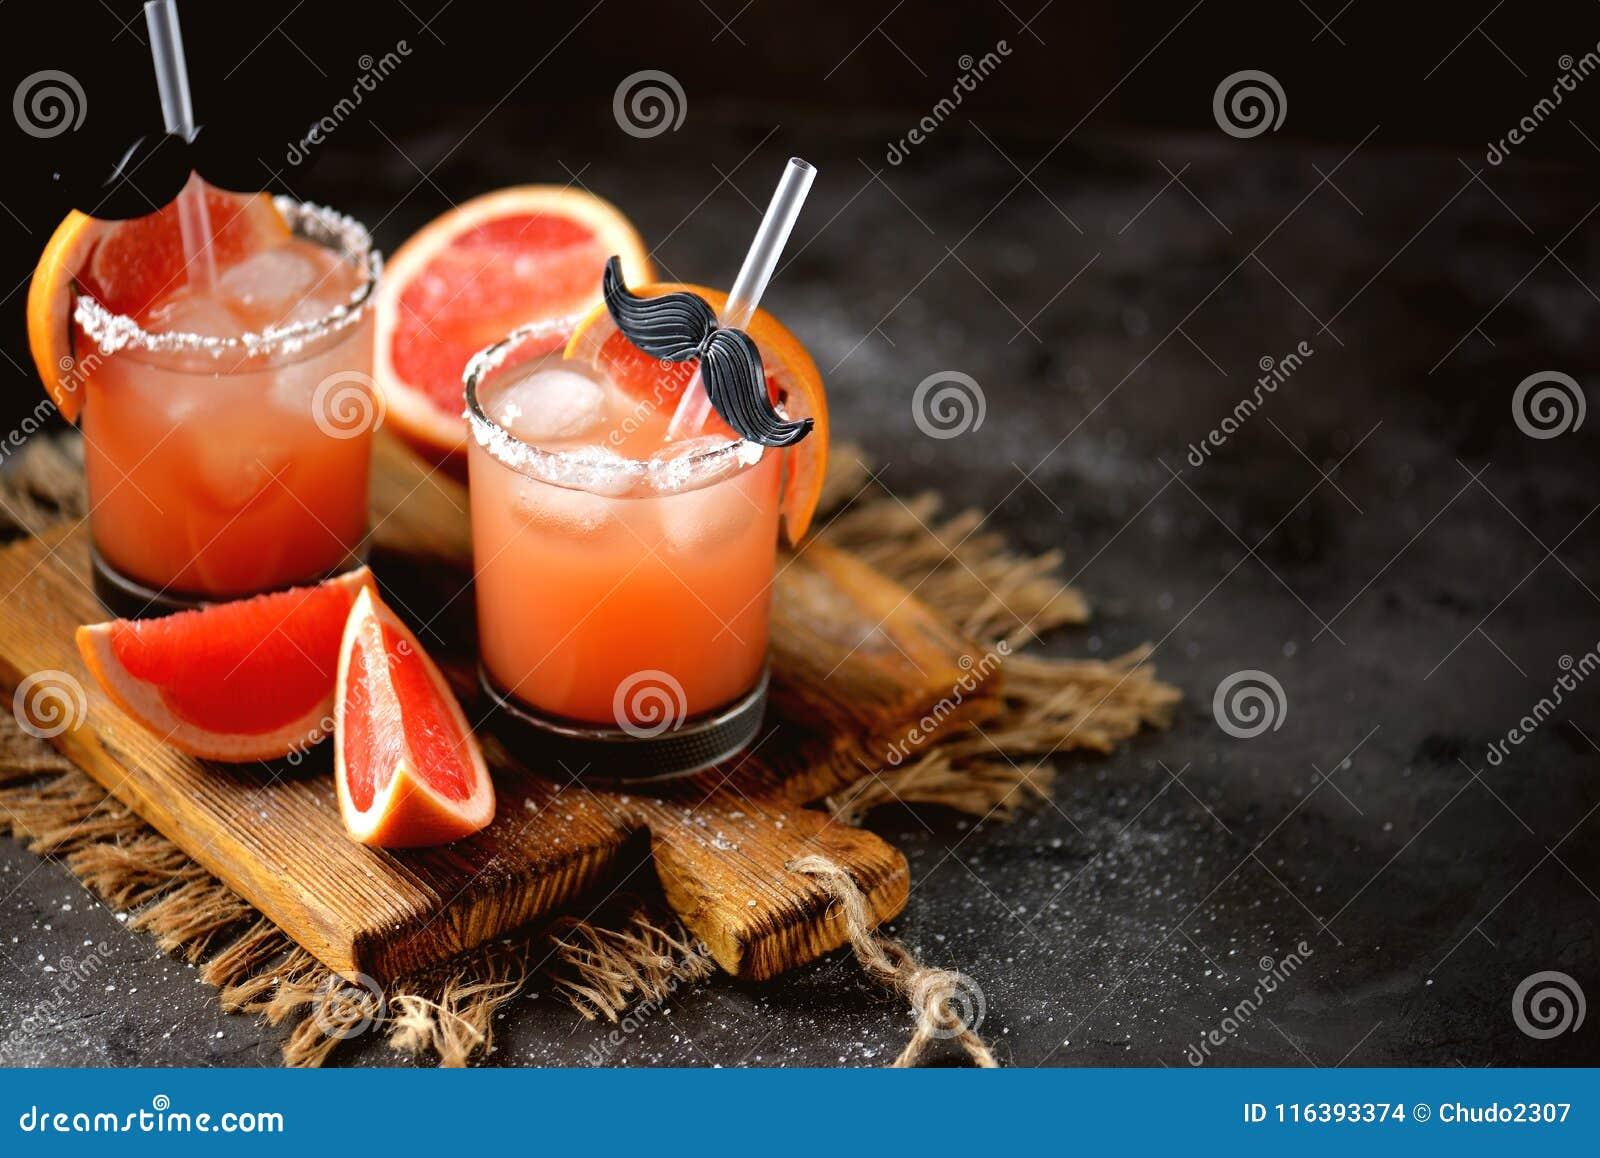 酒精鸡尾酒`咸狗`用新鲜伏特加酒、的葡萄柚,海盐和冰